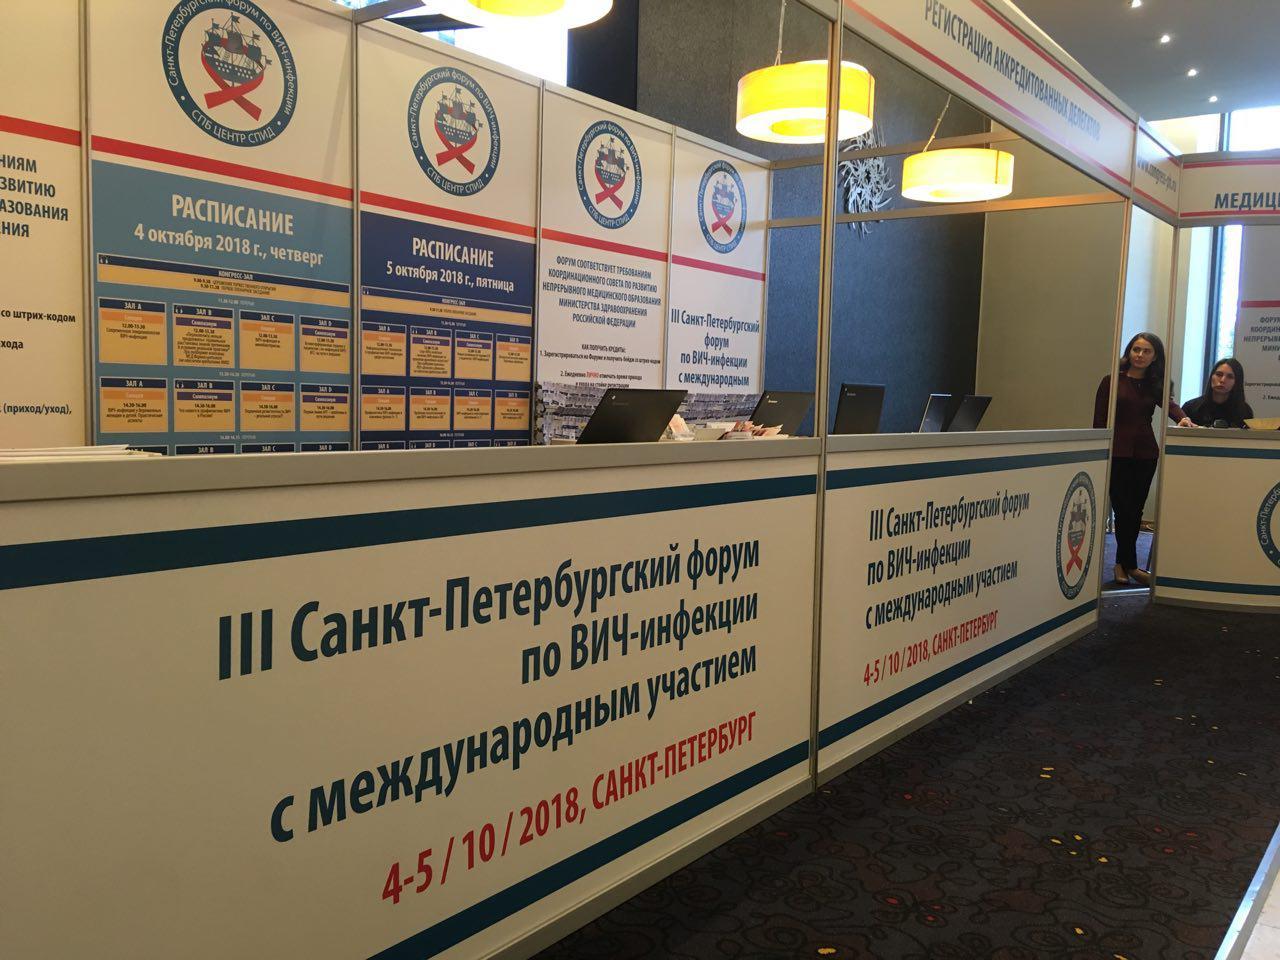 4 октября стартовал III Санкт-Петербургский форум по ВИЧ-инфекции с международным участием - изображение 1